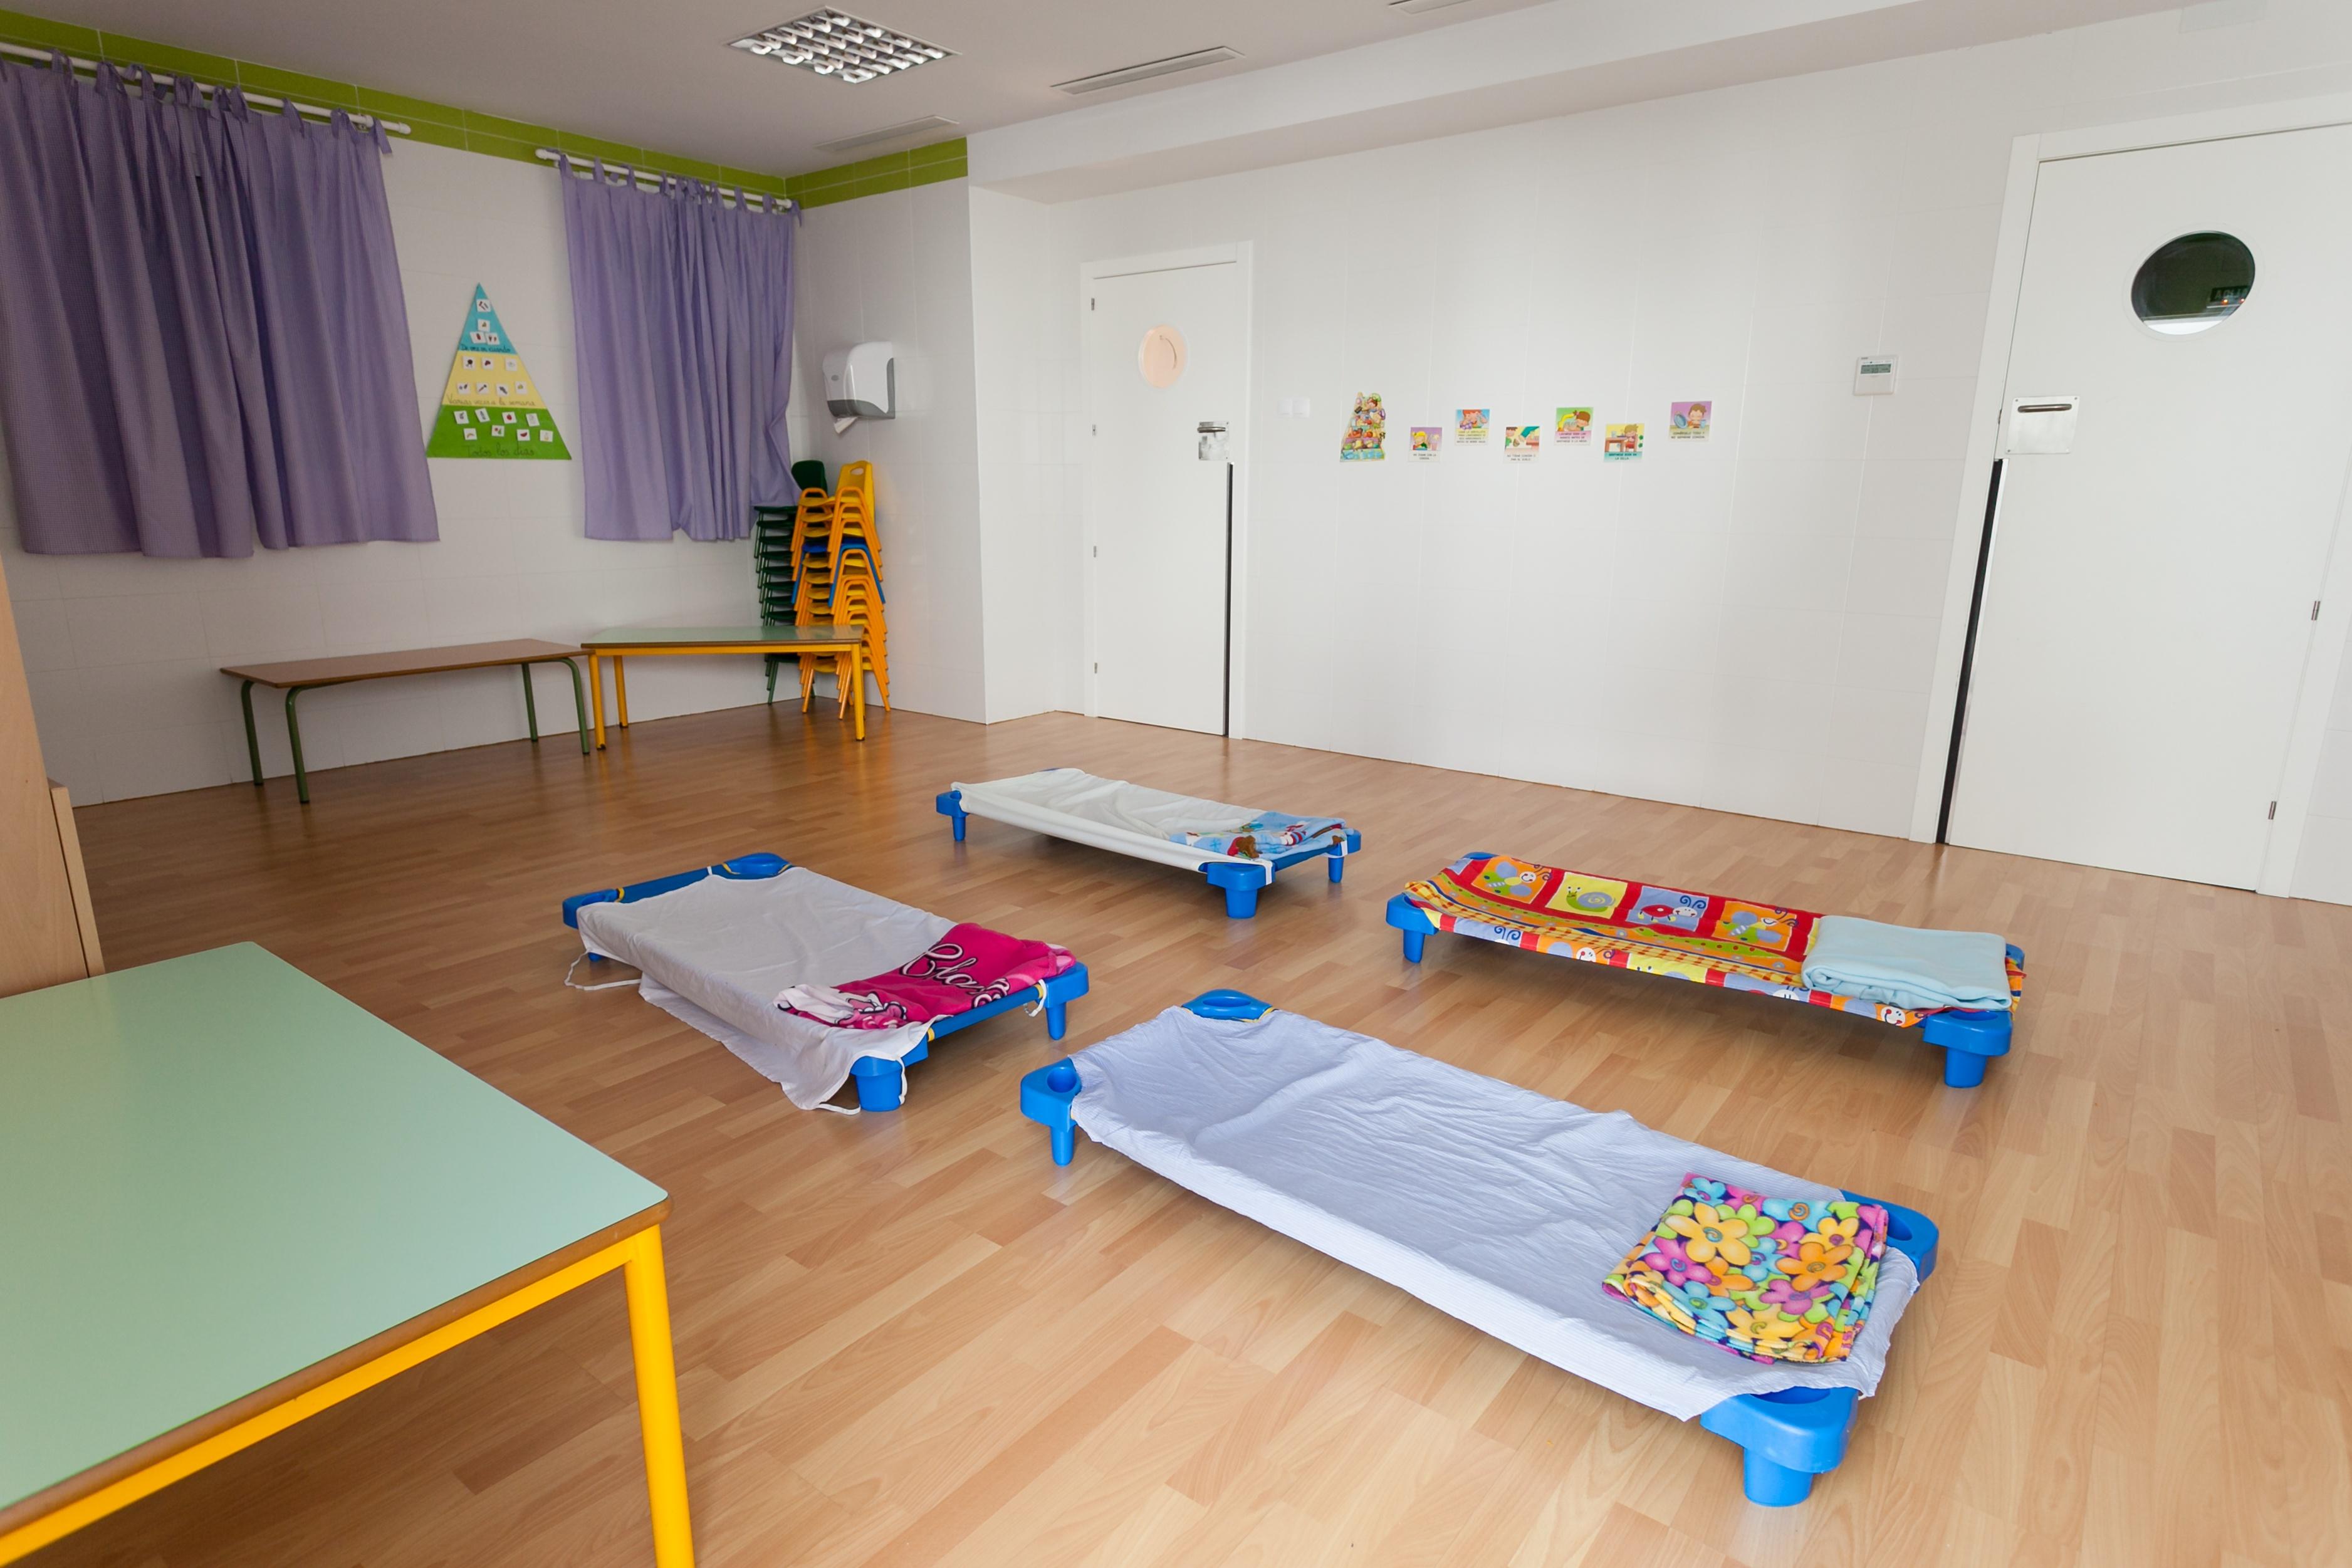 Escuela infantil Cigueña blanca 8